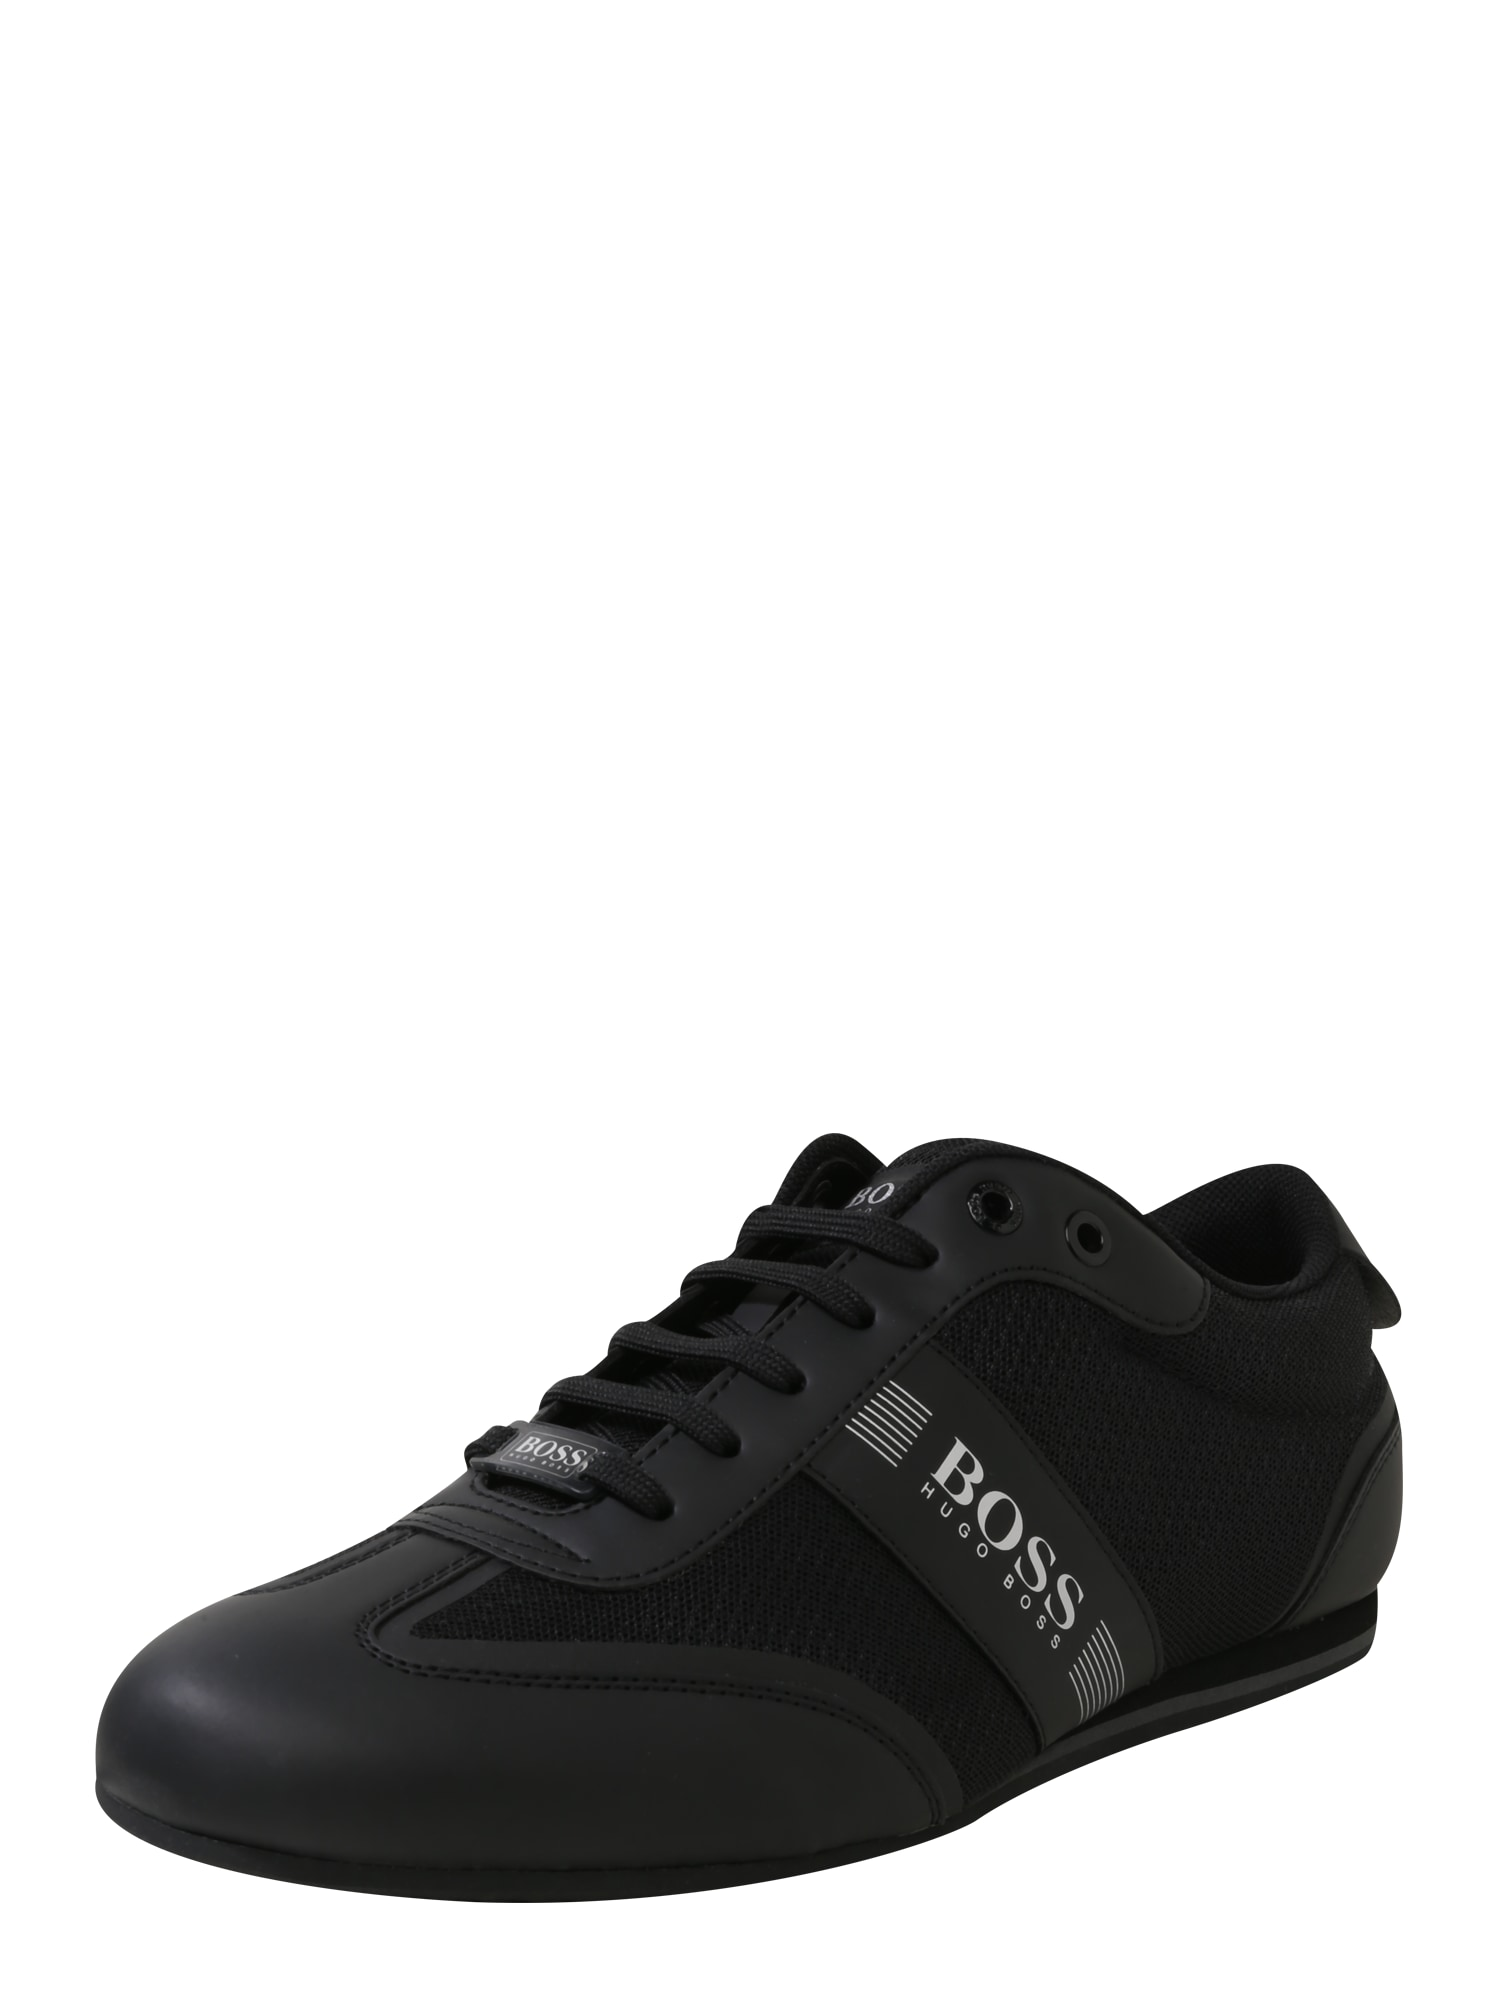 BOSS Sportinio stiliaus batai su raišteliais 'Ligter' juoda